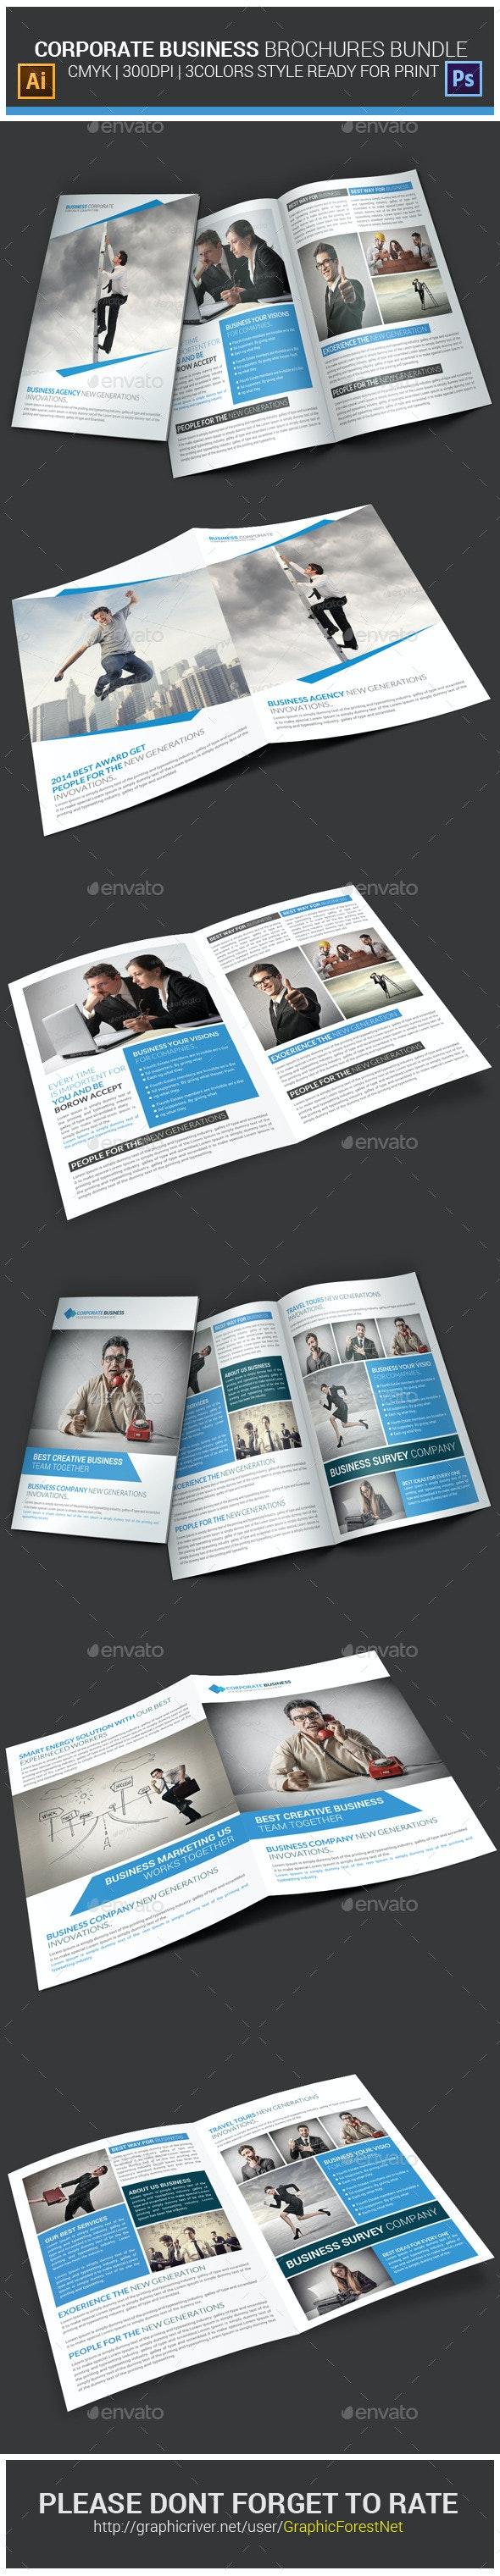 Corporate Business Brochures Bundle - Corporate Brochures